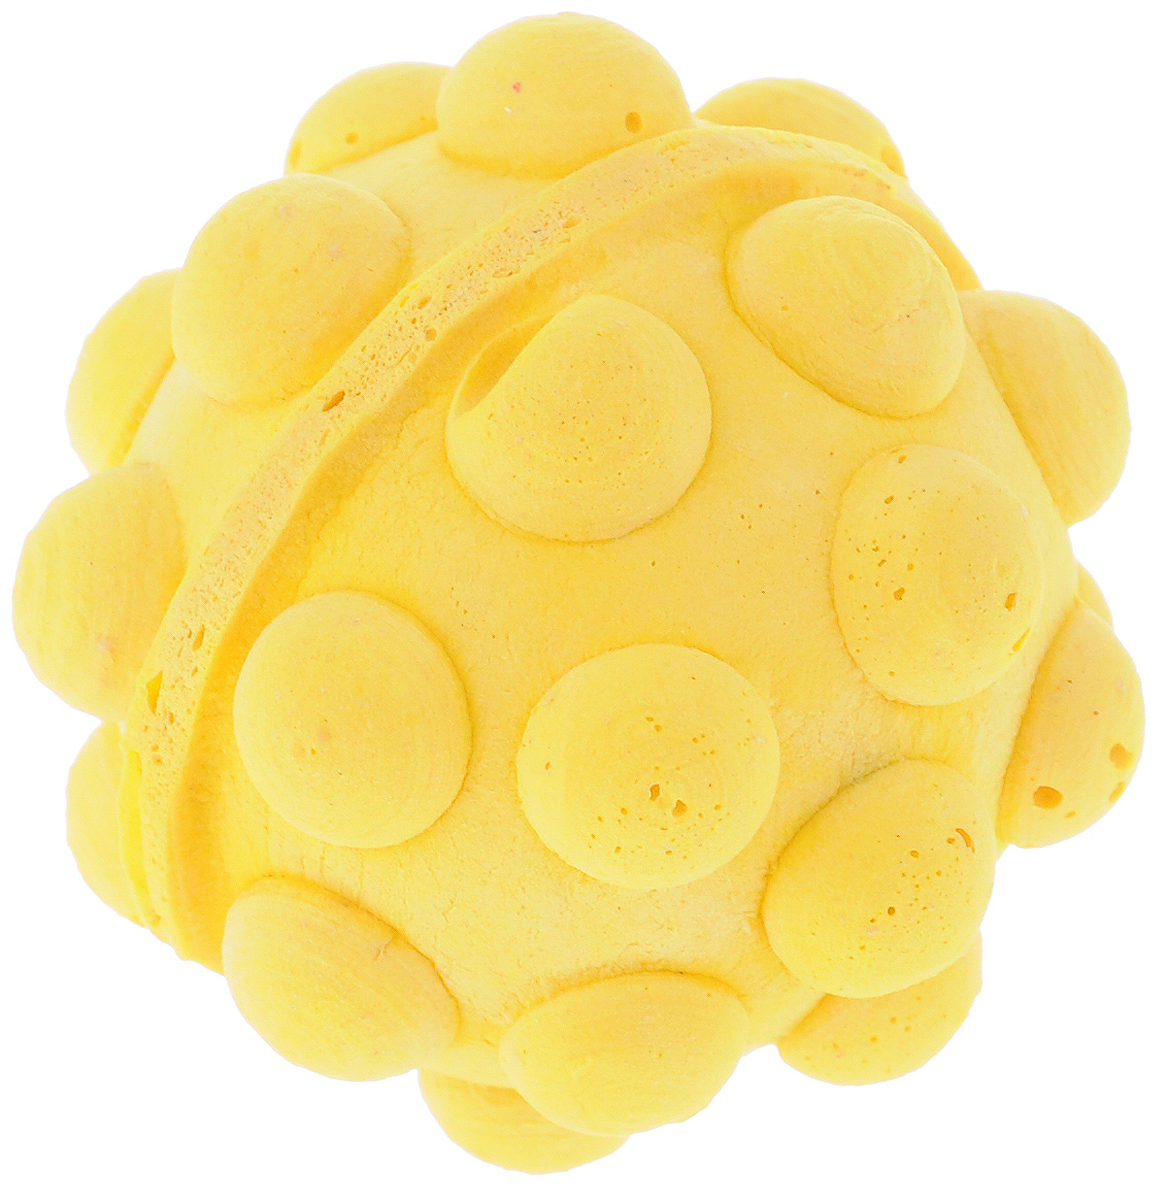 Игрушка для животных Каскад Мячик зефирный. Мина, цвет: желтый, диаметр 4,5 см75015Мягкая игрушка для животных Каскад Мячик зефирный. Мина изготовлена из вспененного полимера.Такая игрушка порадует вашего любимца, а вам доставит массу приятных эмоций, ведь наблюдать за игрой всегда интересно и приятно.Диаметр игрушки: 4,5 см.